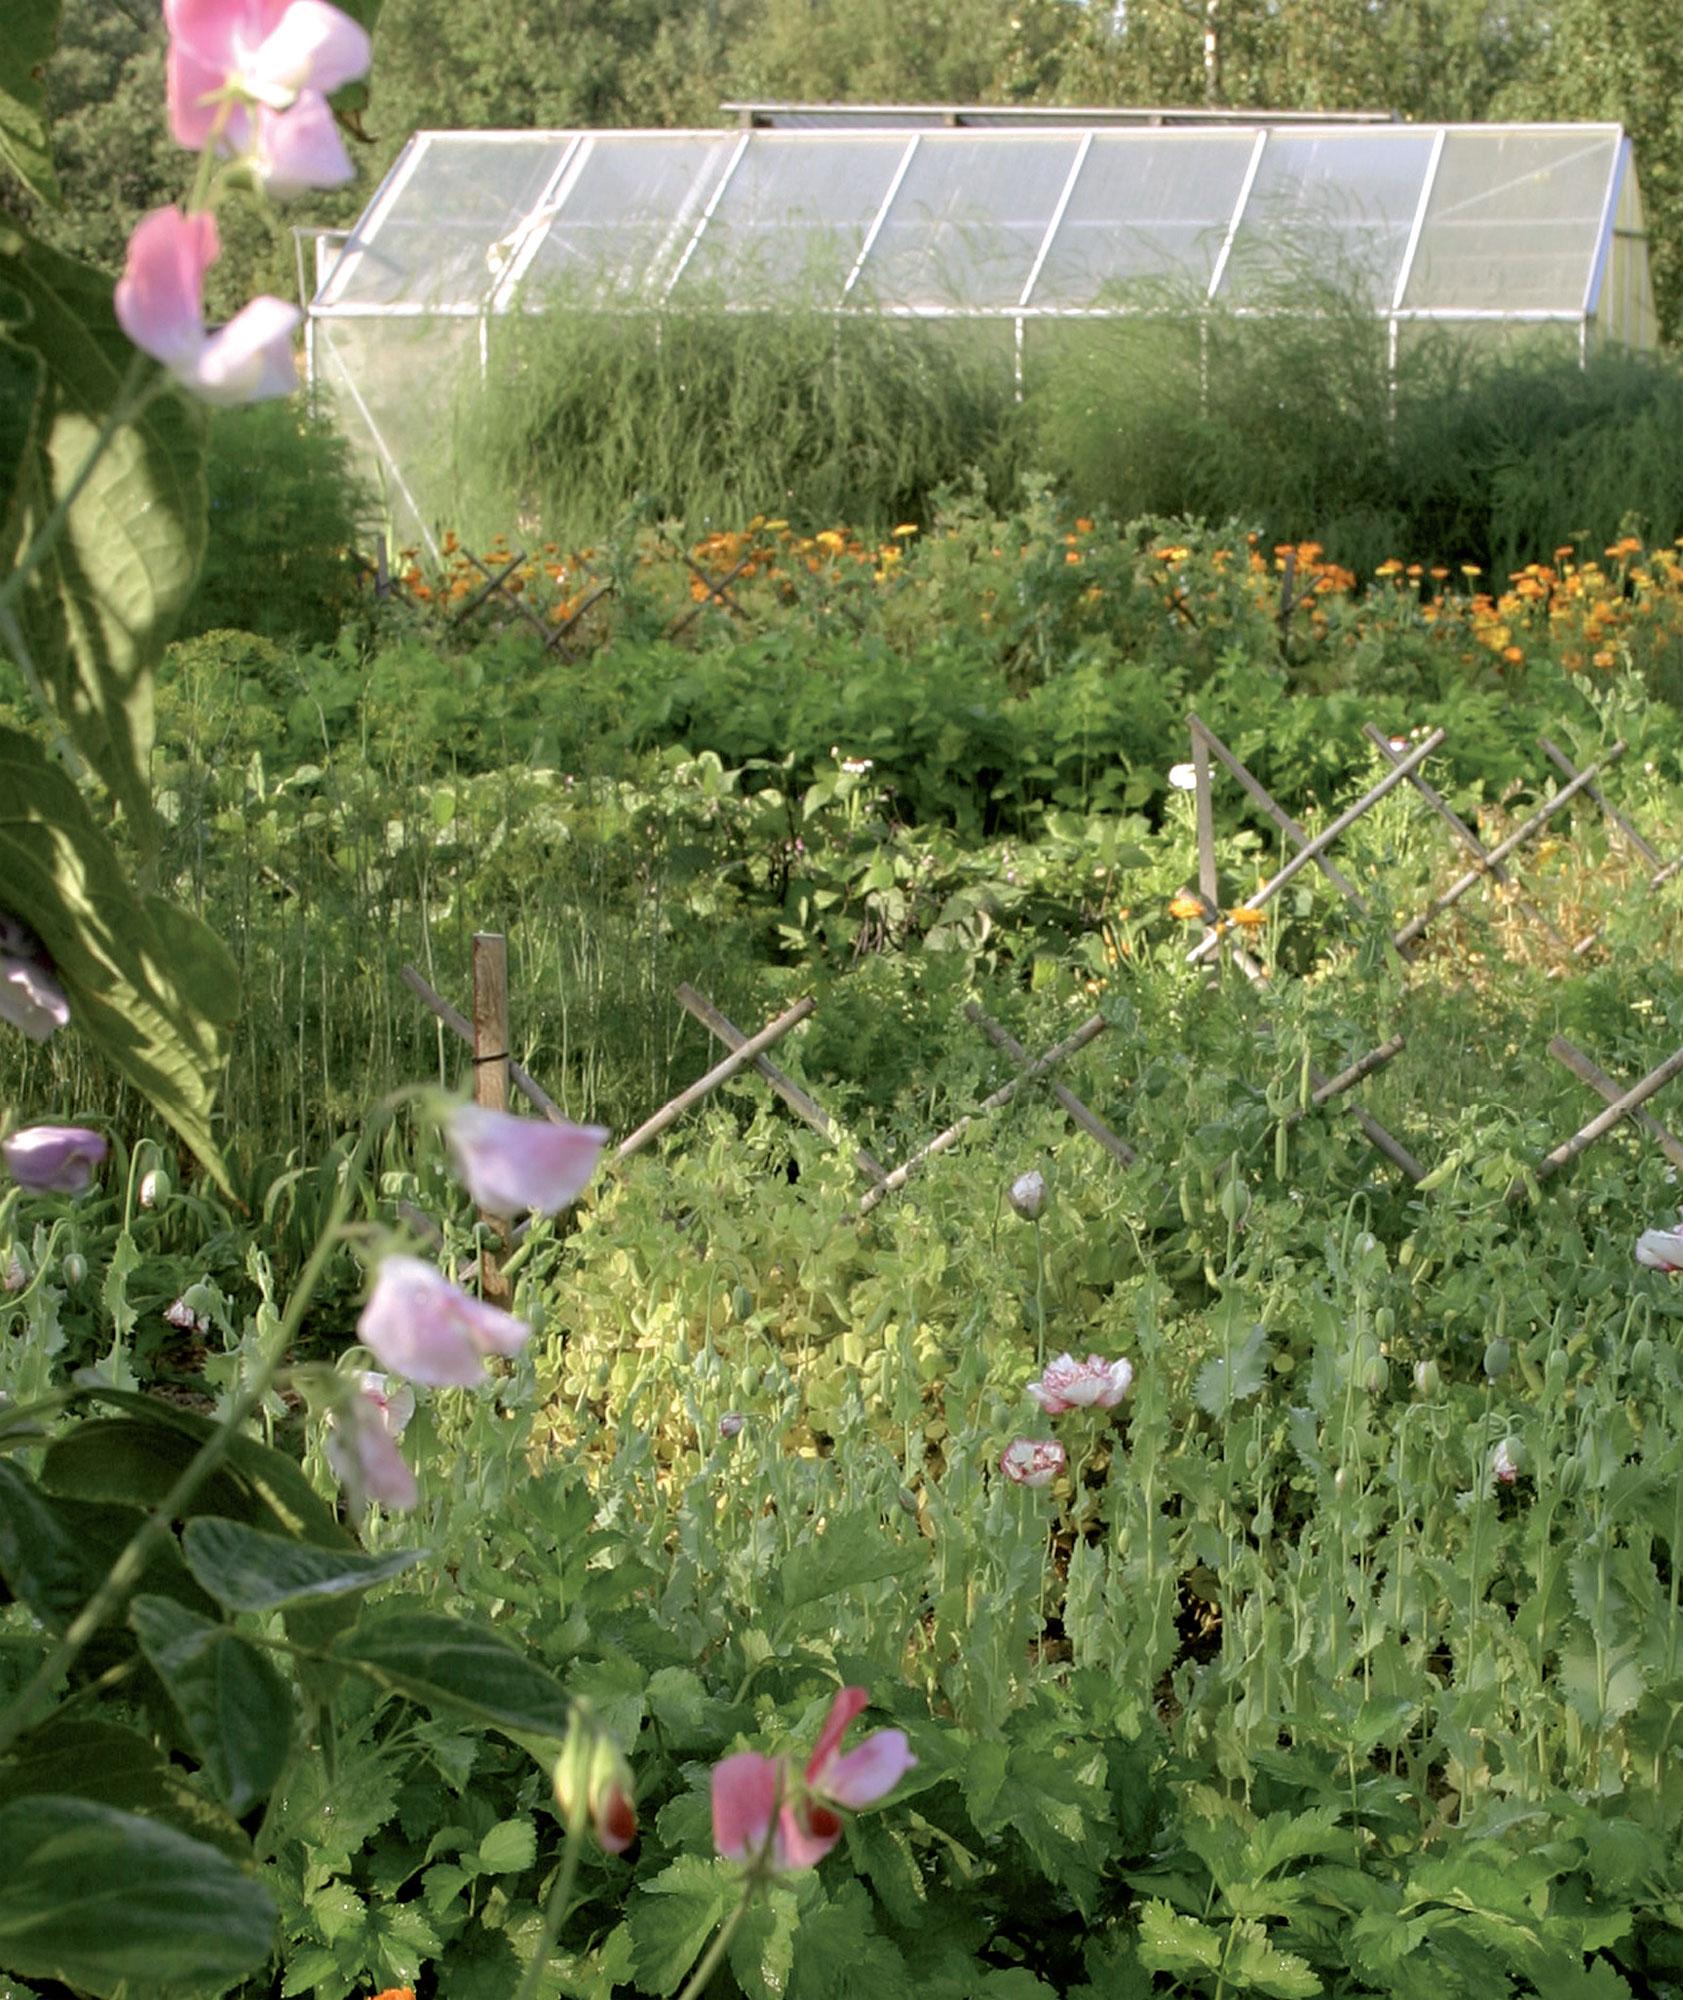 Esteettisyyttä arvostavalle Virpille kasvimaa on puutarhan helmi.